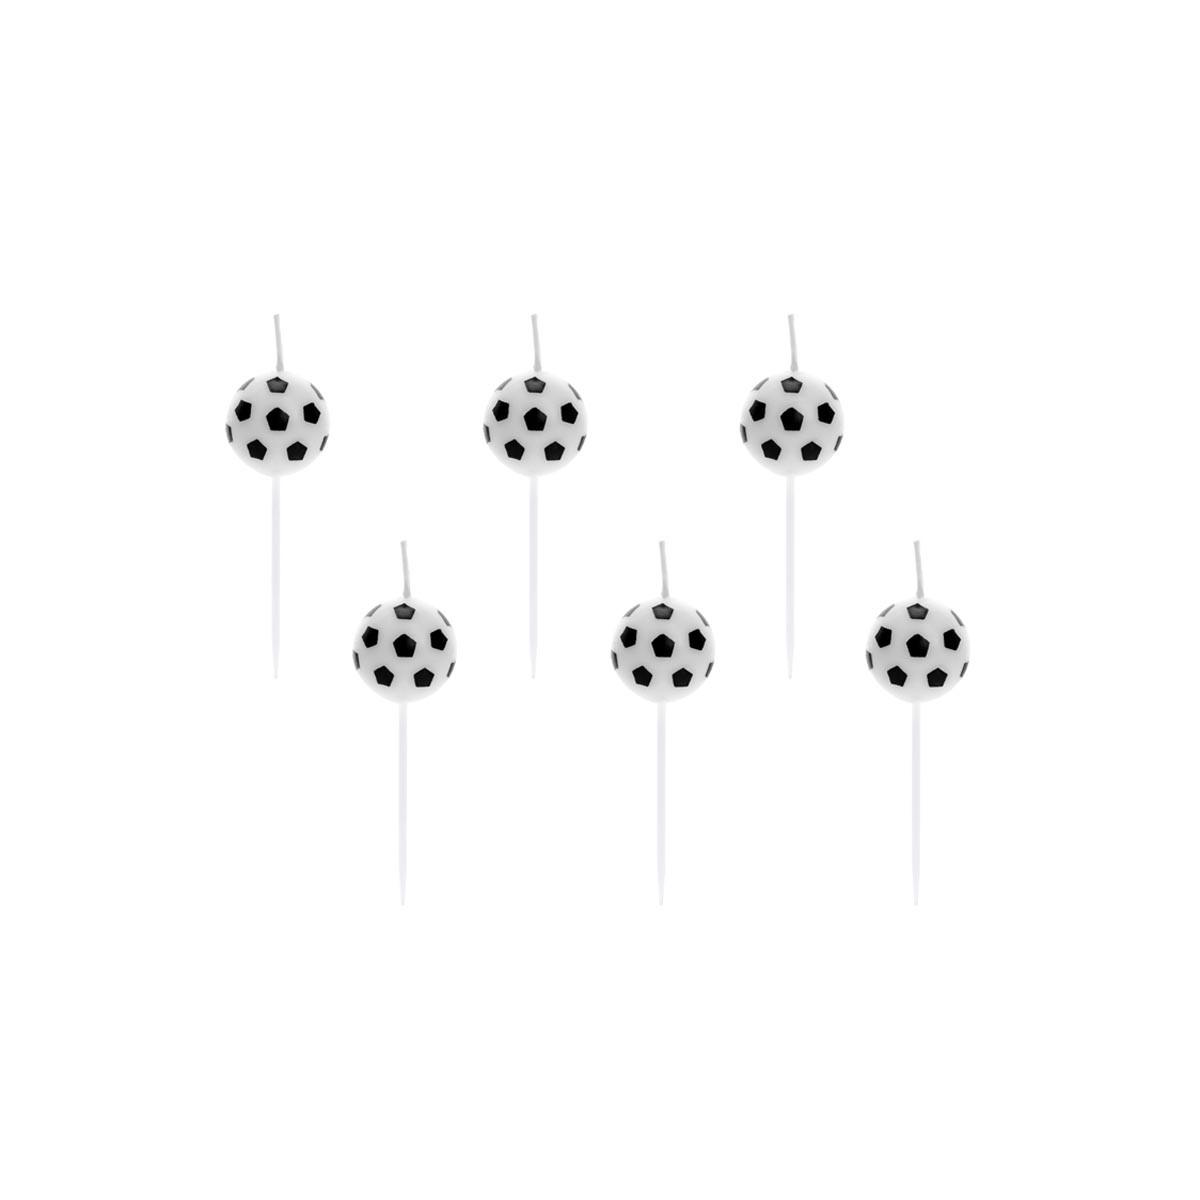 x6 Bougies ballon de foot